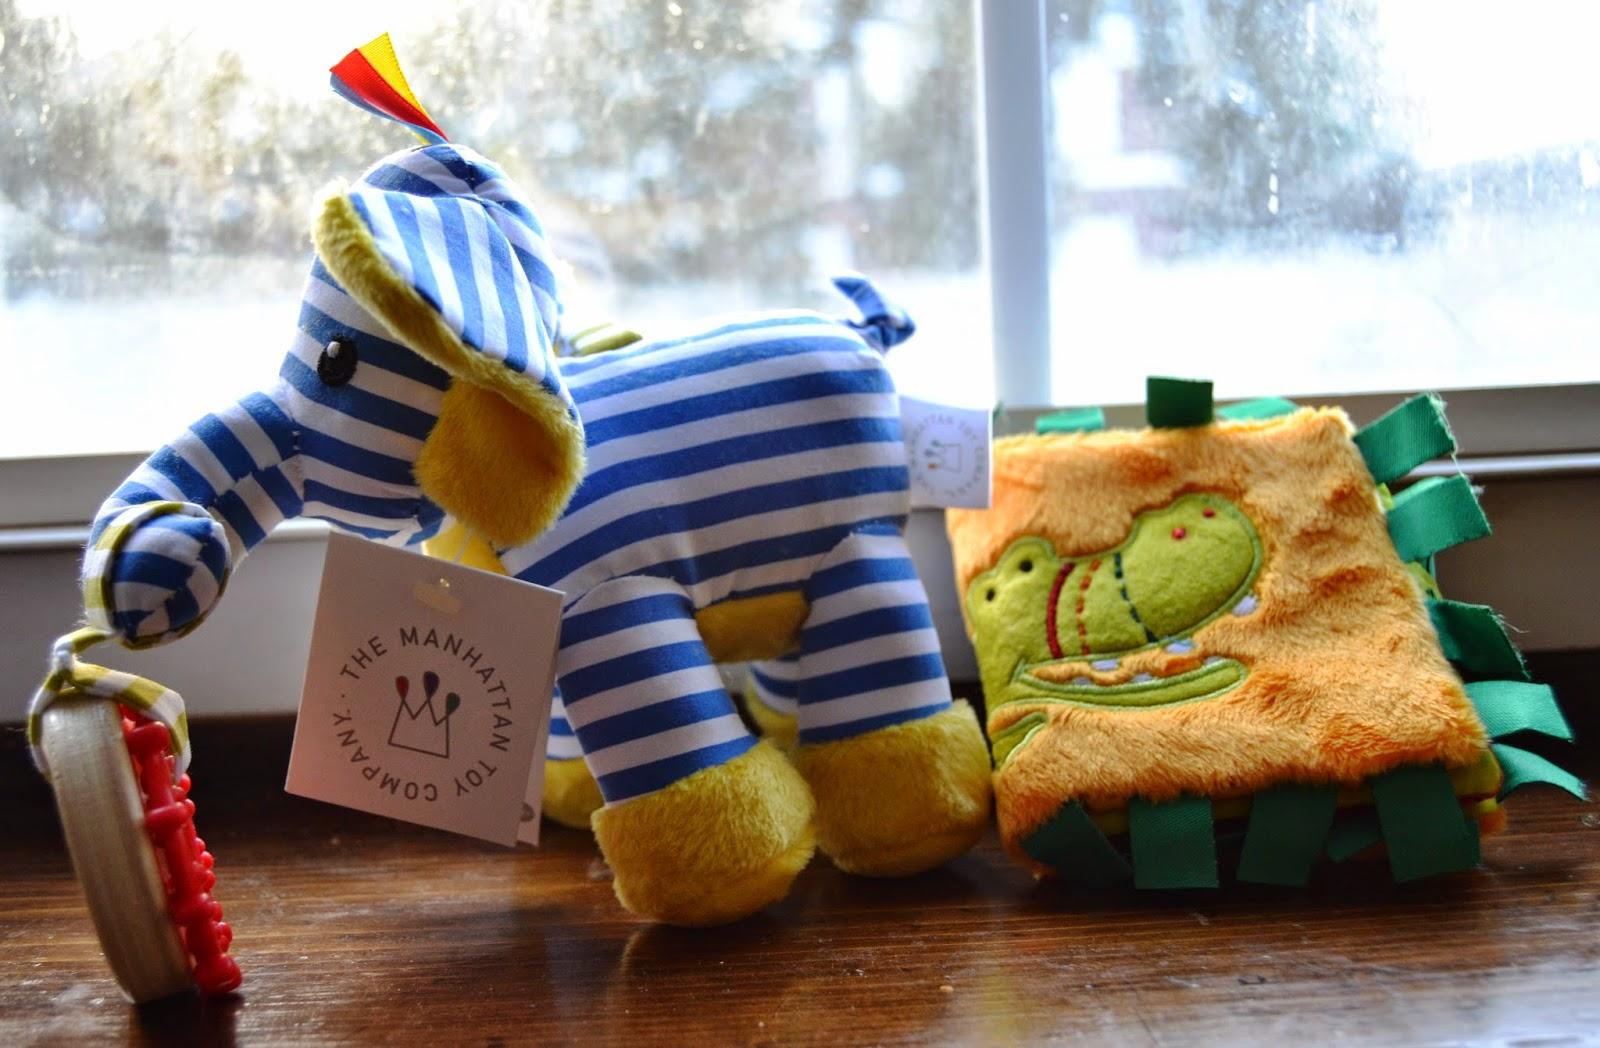 Austin Lloyd Toy Subscription